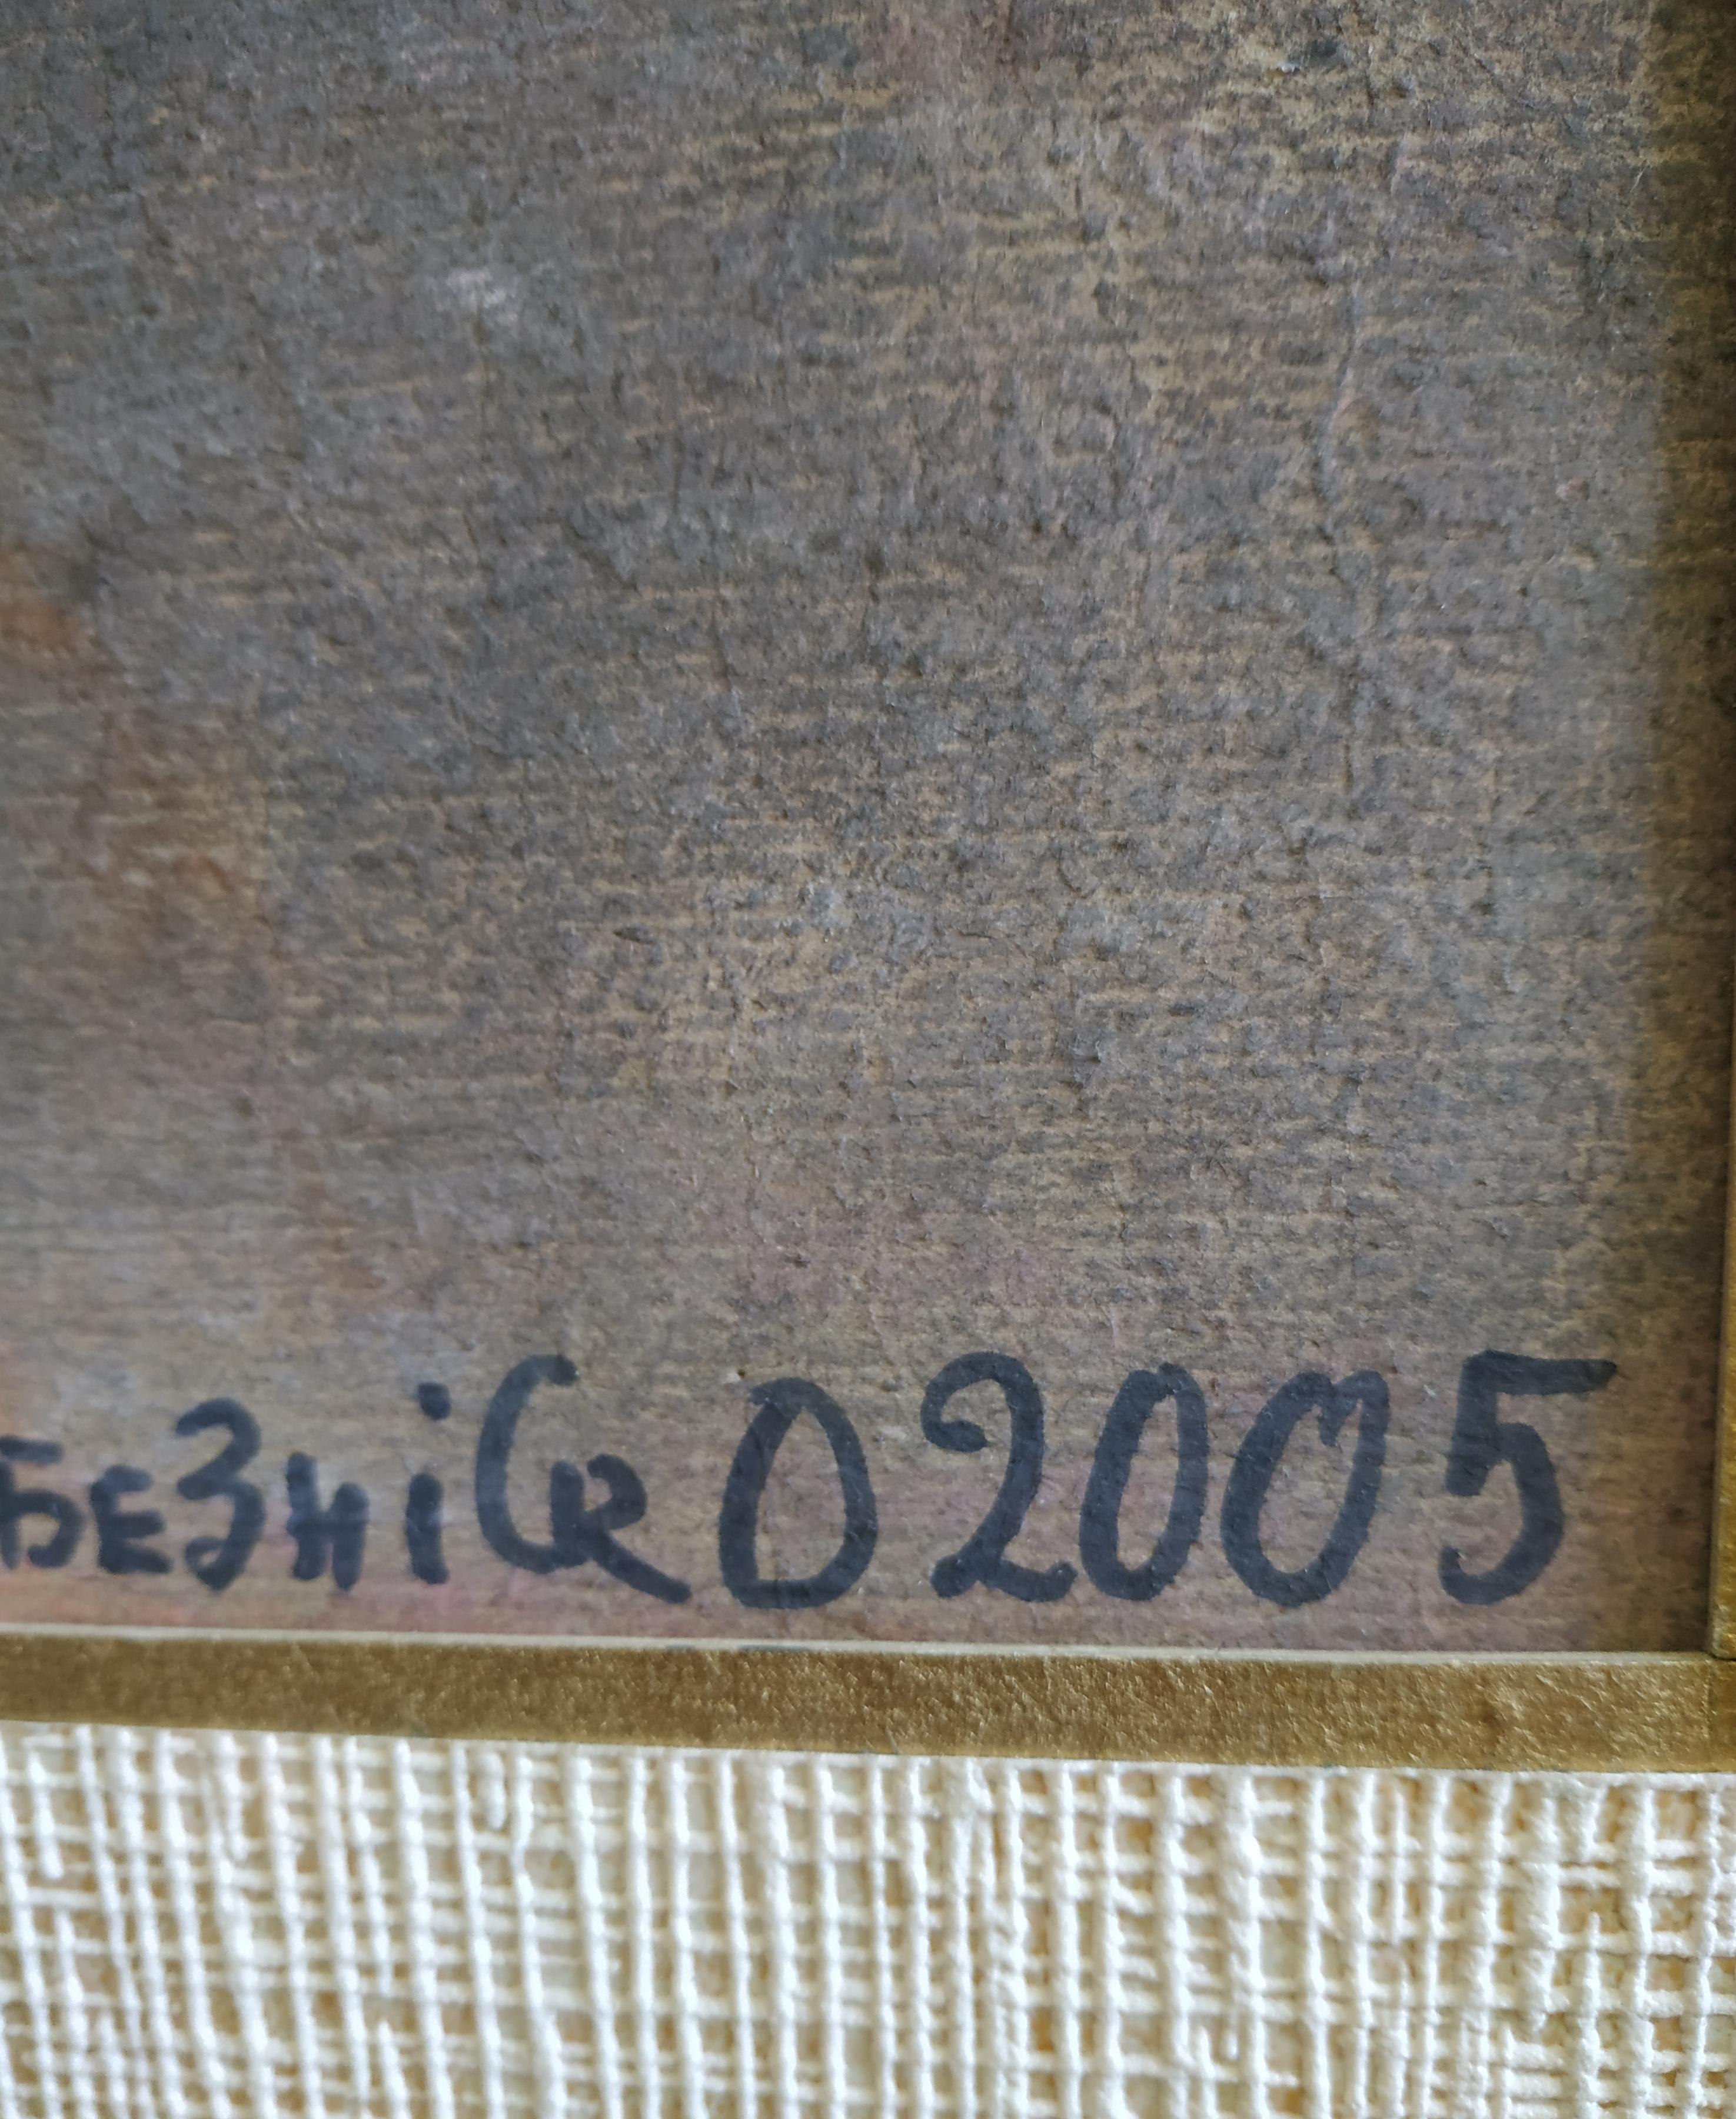 Пирамида 42-57 см., картон, пастель 2005 год  - 1